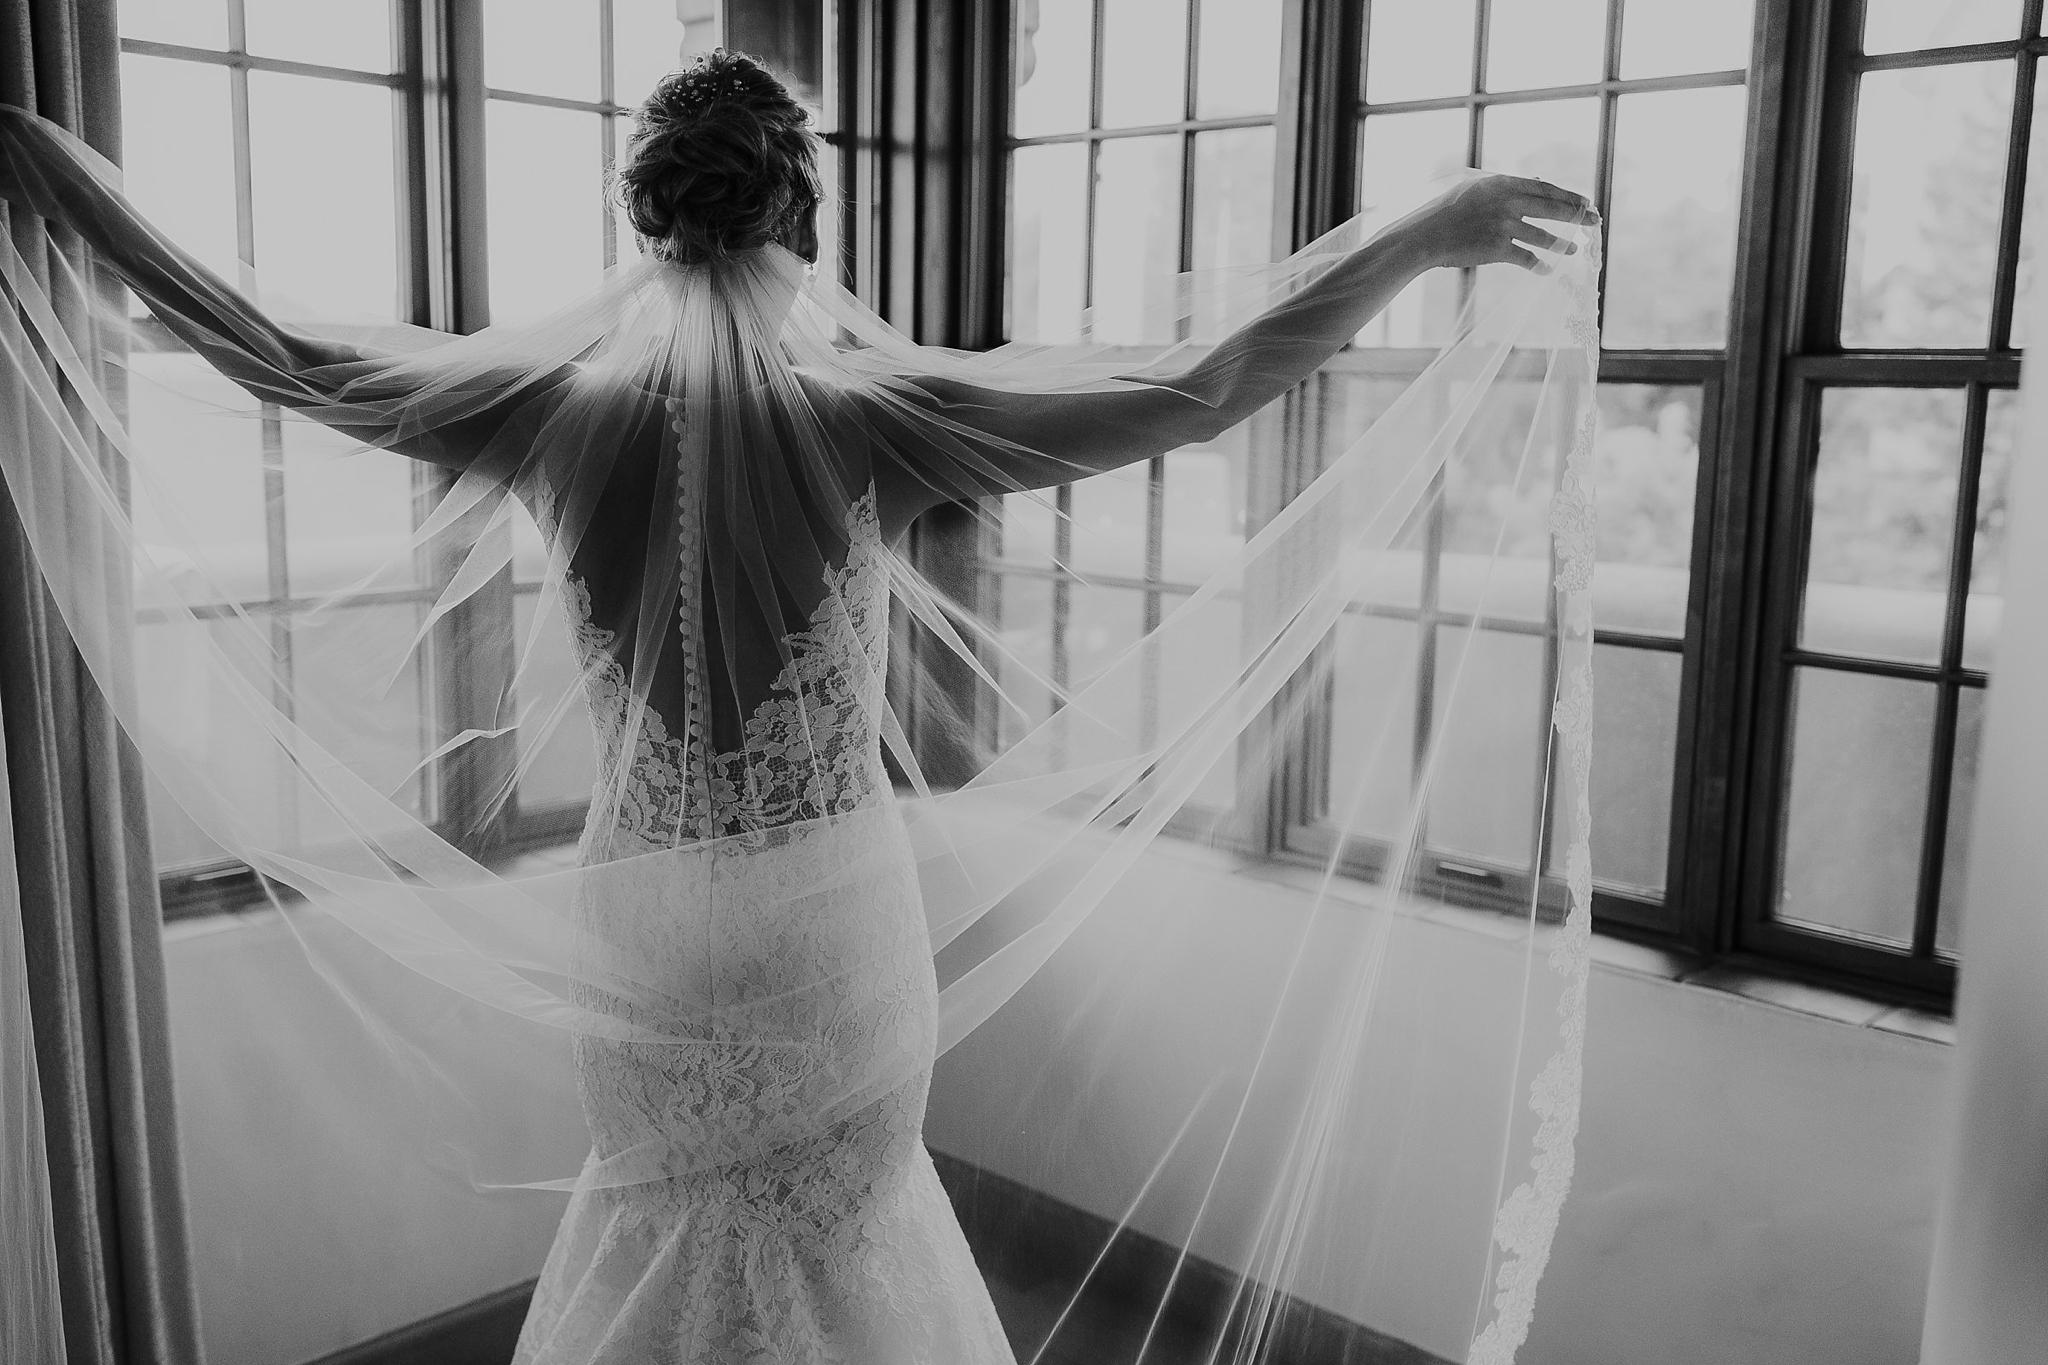 Alicia+lucia+photography+-+albuquerque+wedding+photographer+-+santa+fe+wedding+photography+-+new+mexico+wedding+photographer+-+new+mexico+wedding+-+wedding+photographer+-+wedding+photographer+team_0200.jpg